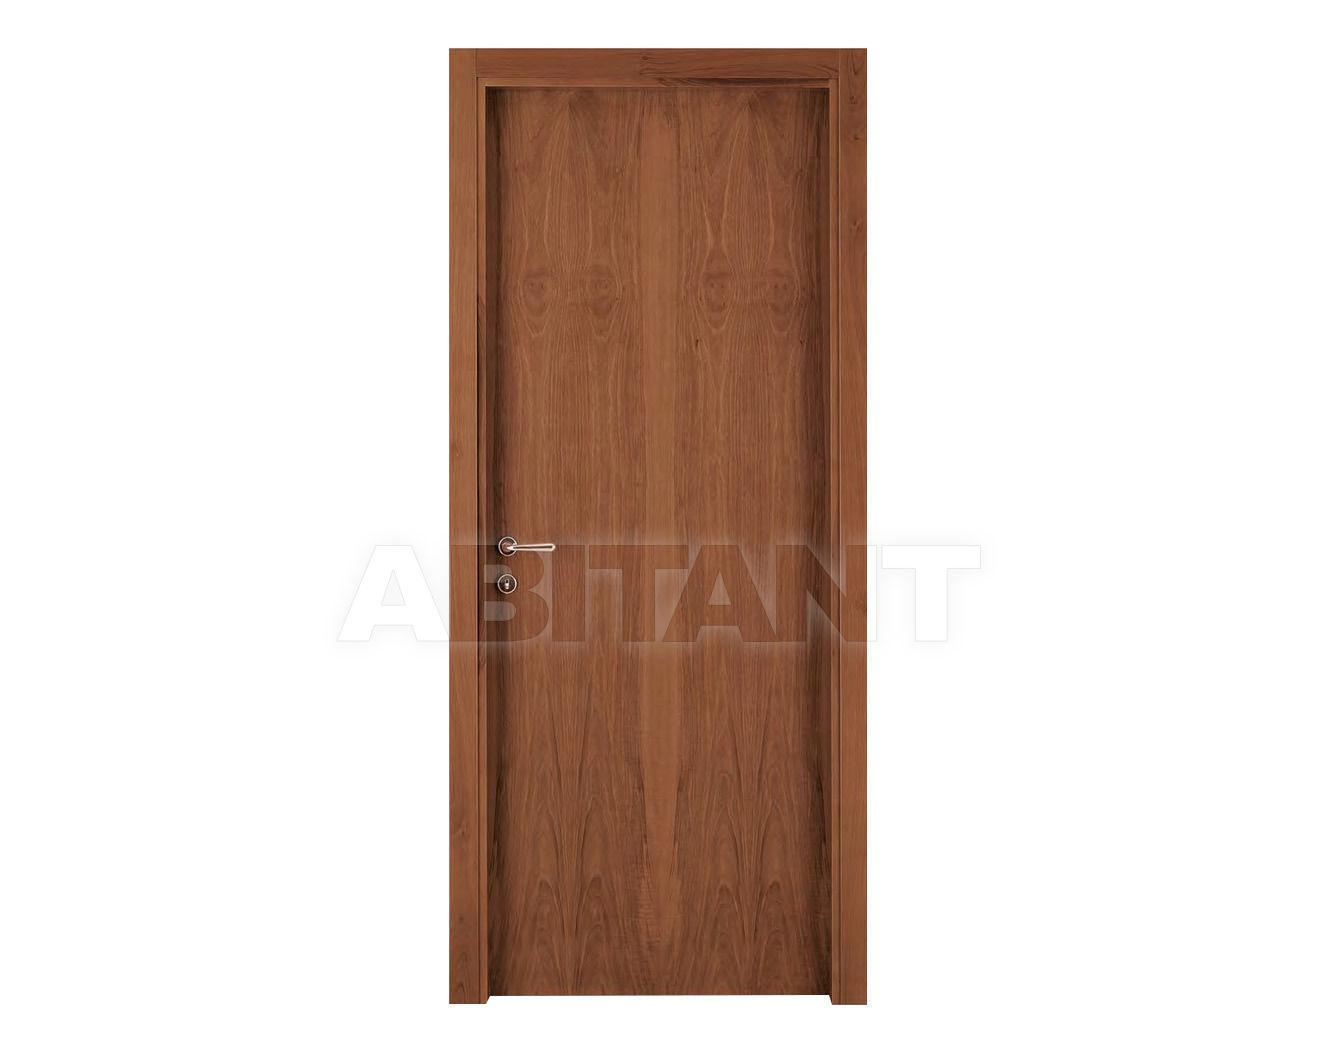 Купить Дверь деревянная Fioravazzi Lisce TRADIZIONALE CIECA 1